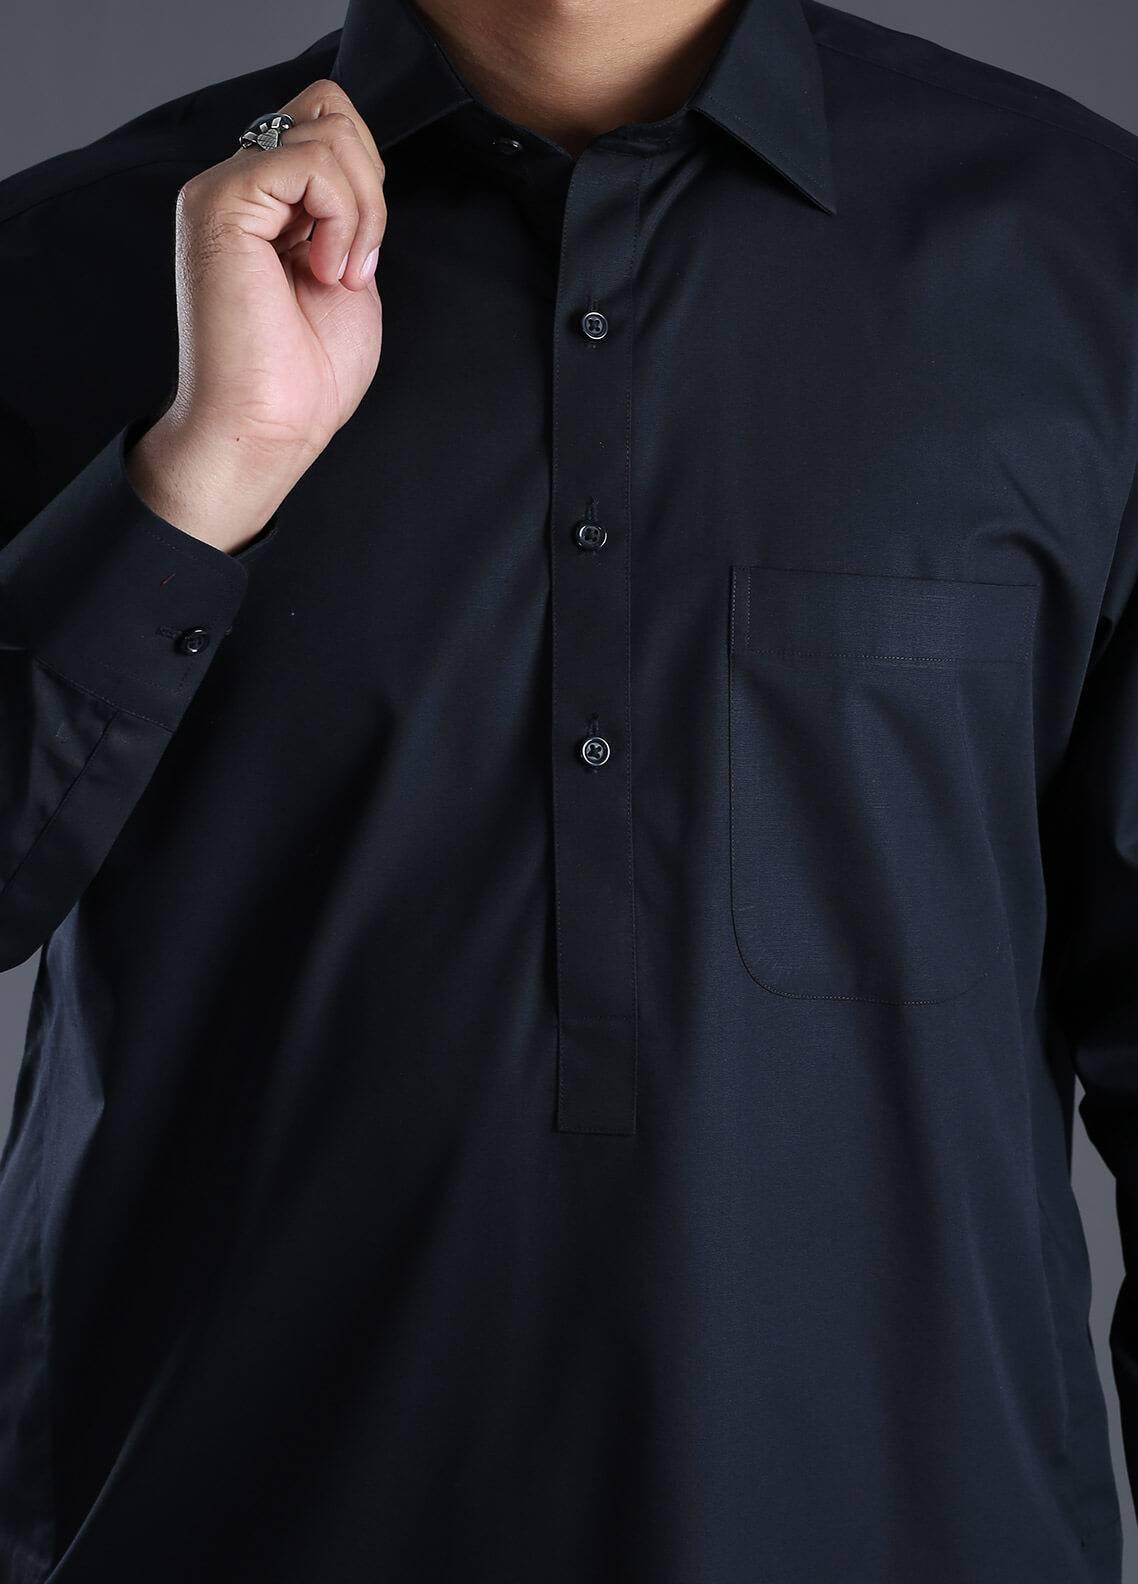 Skangen Wash N Wear Formal Kameez Shalwar for Men - Black Alst-0001